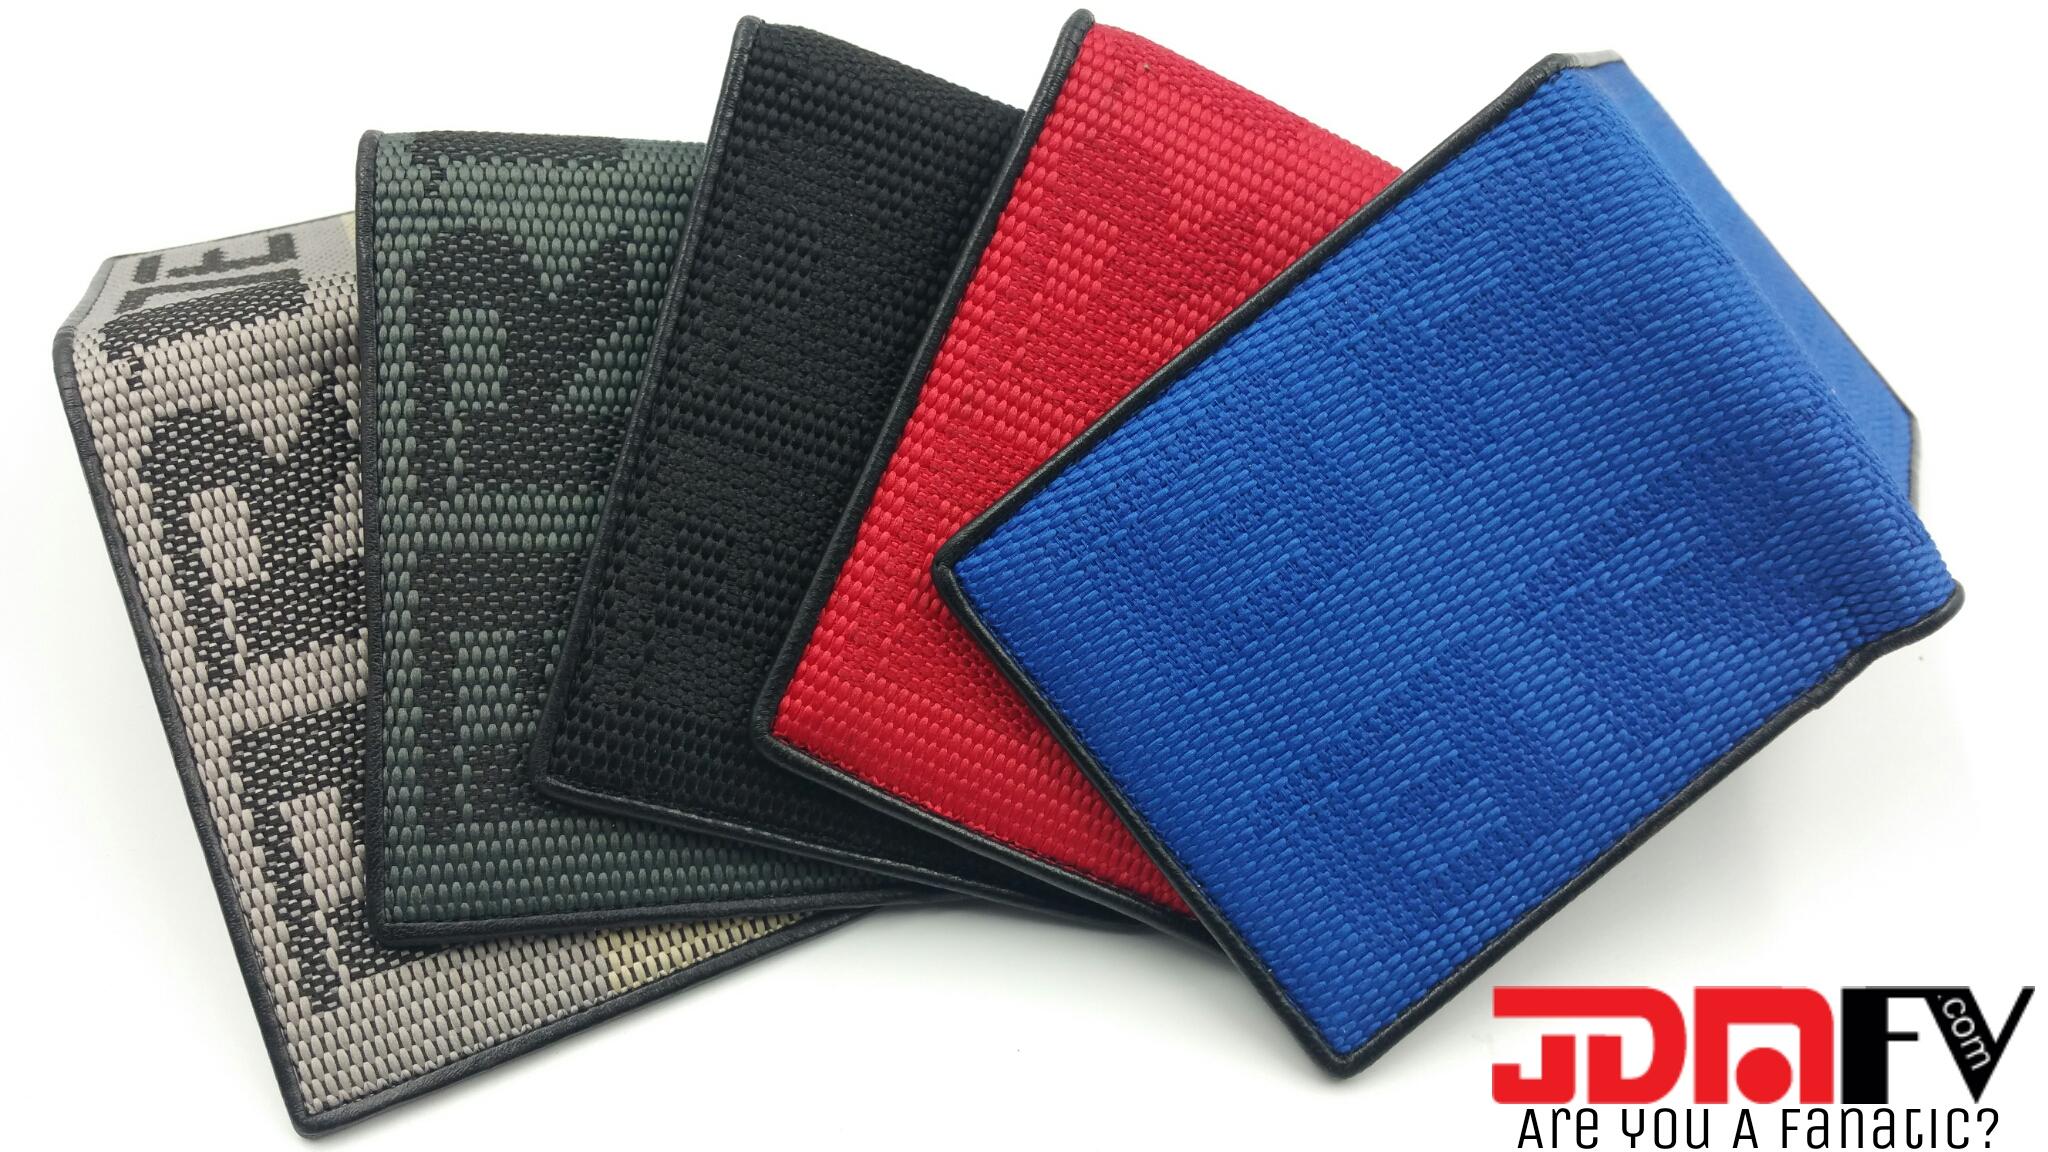 bride-wallets-blue-red-black-gray-gradation-jdmfv.jpg